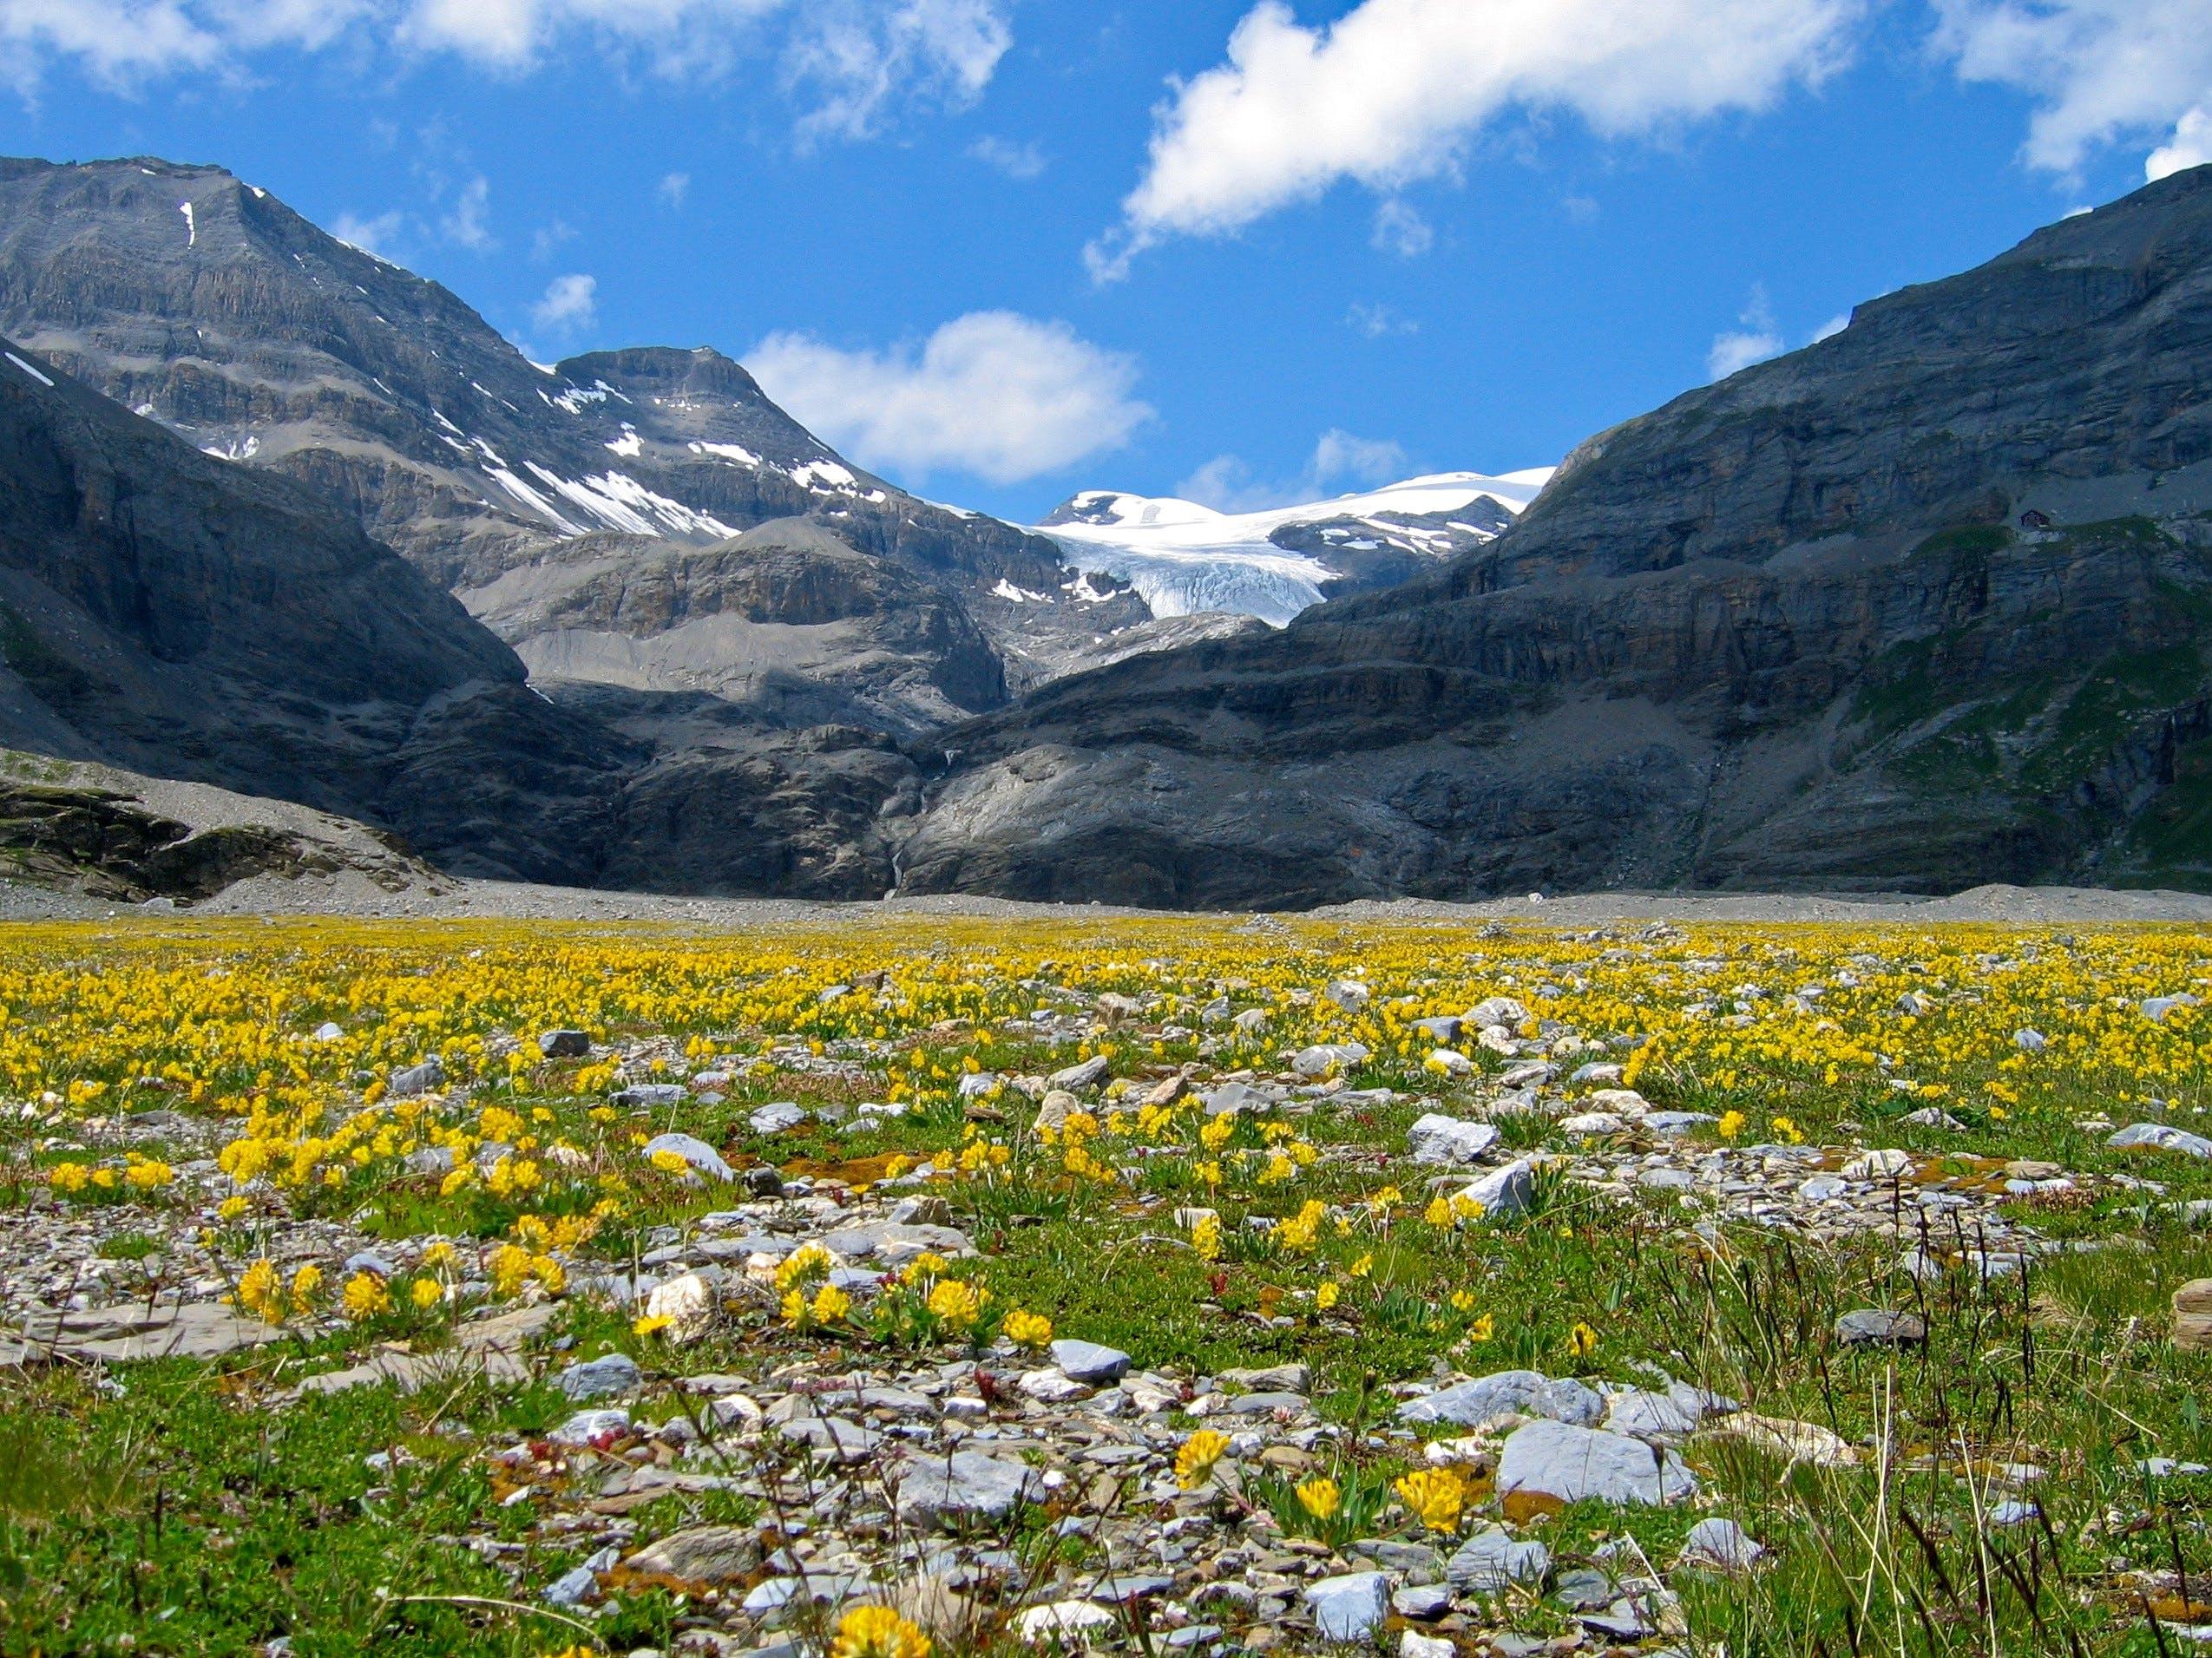 Flower Field Near Mountain